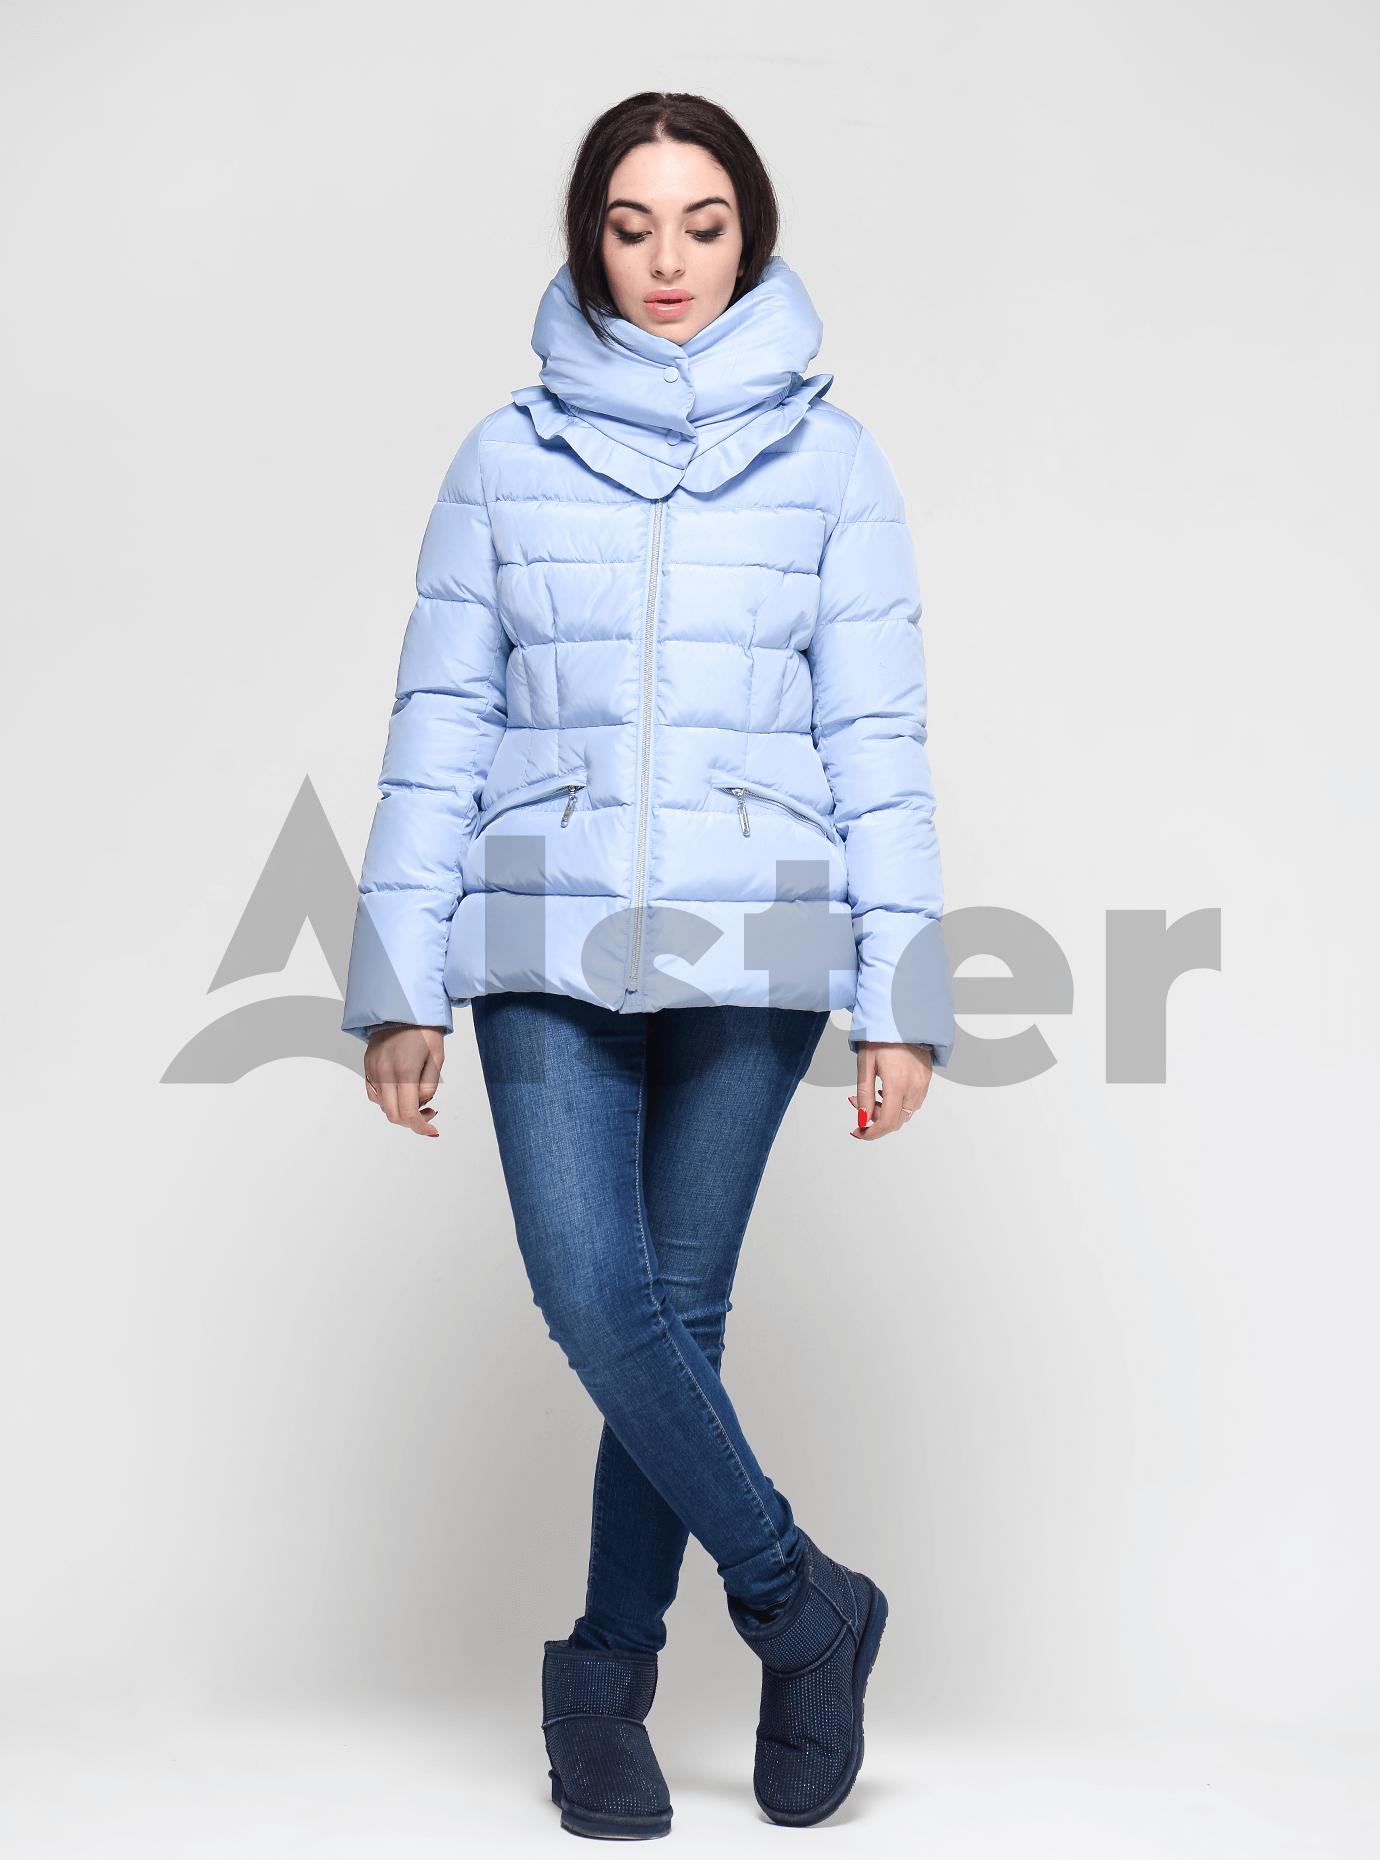 Женская зимняя куртка Светло-голубой S (02-190293): фото - Alster.ua